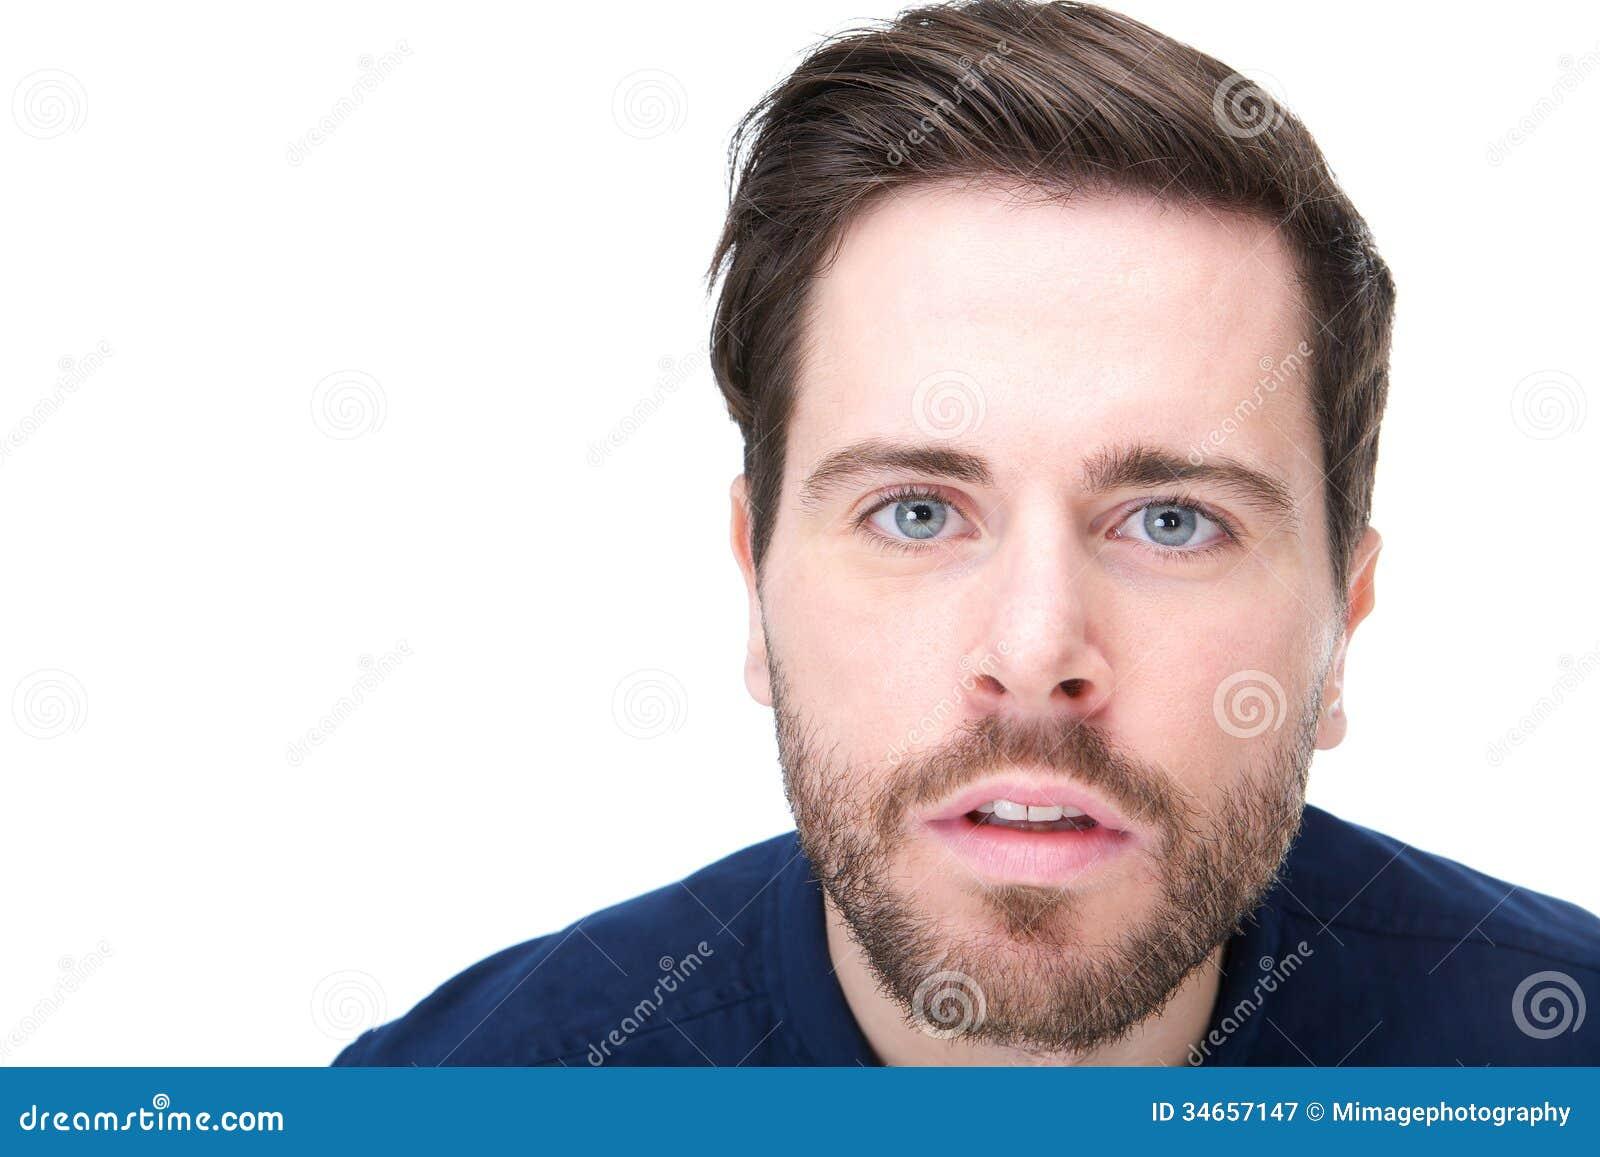 Portret van een jonge mens met verwarde blik op zijn gezicht